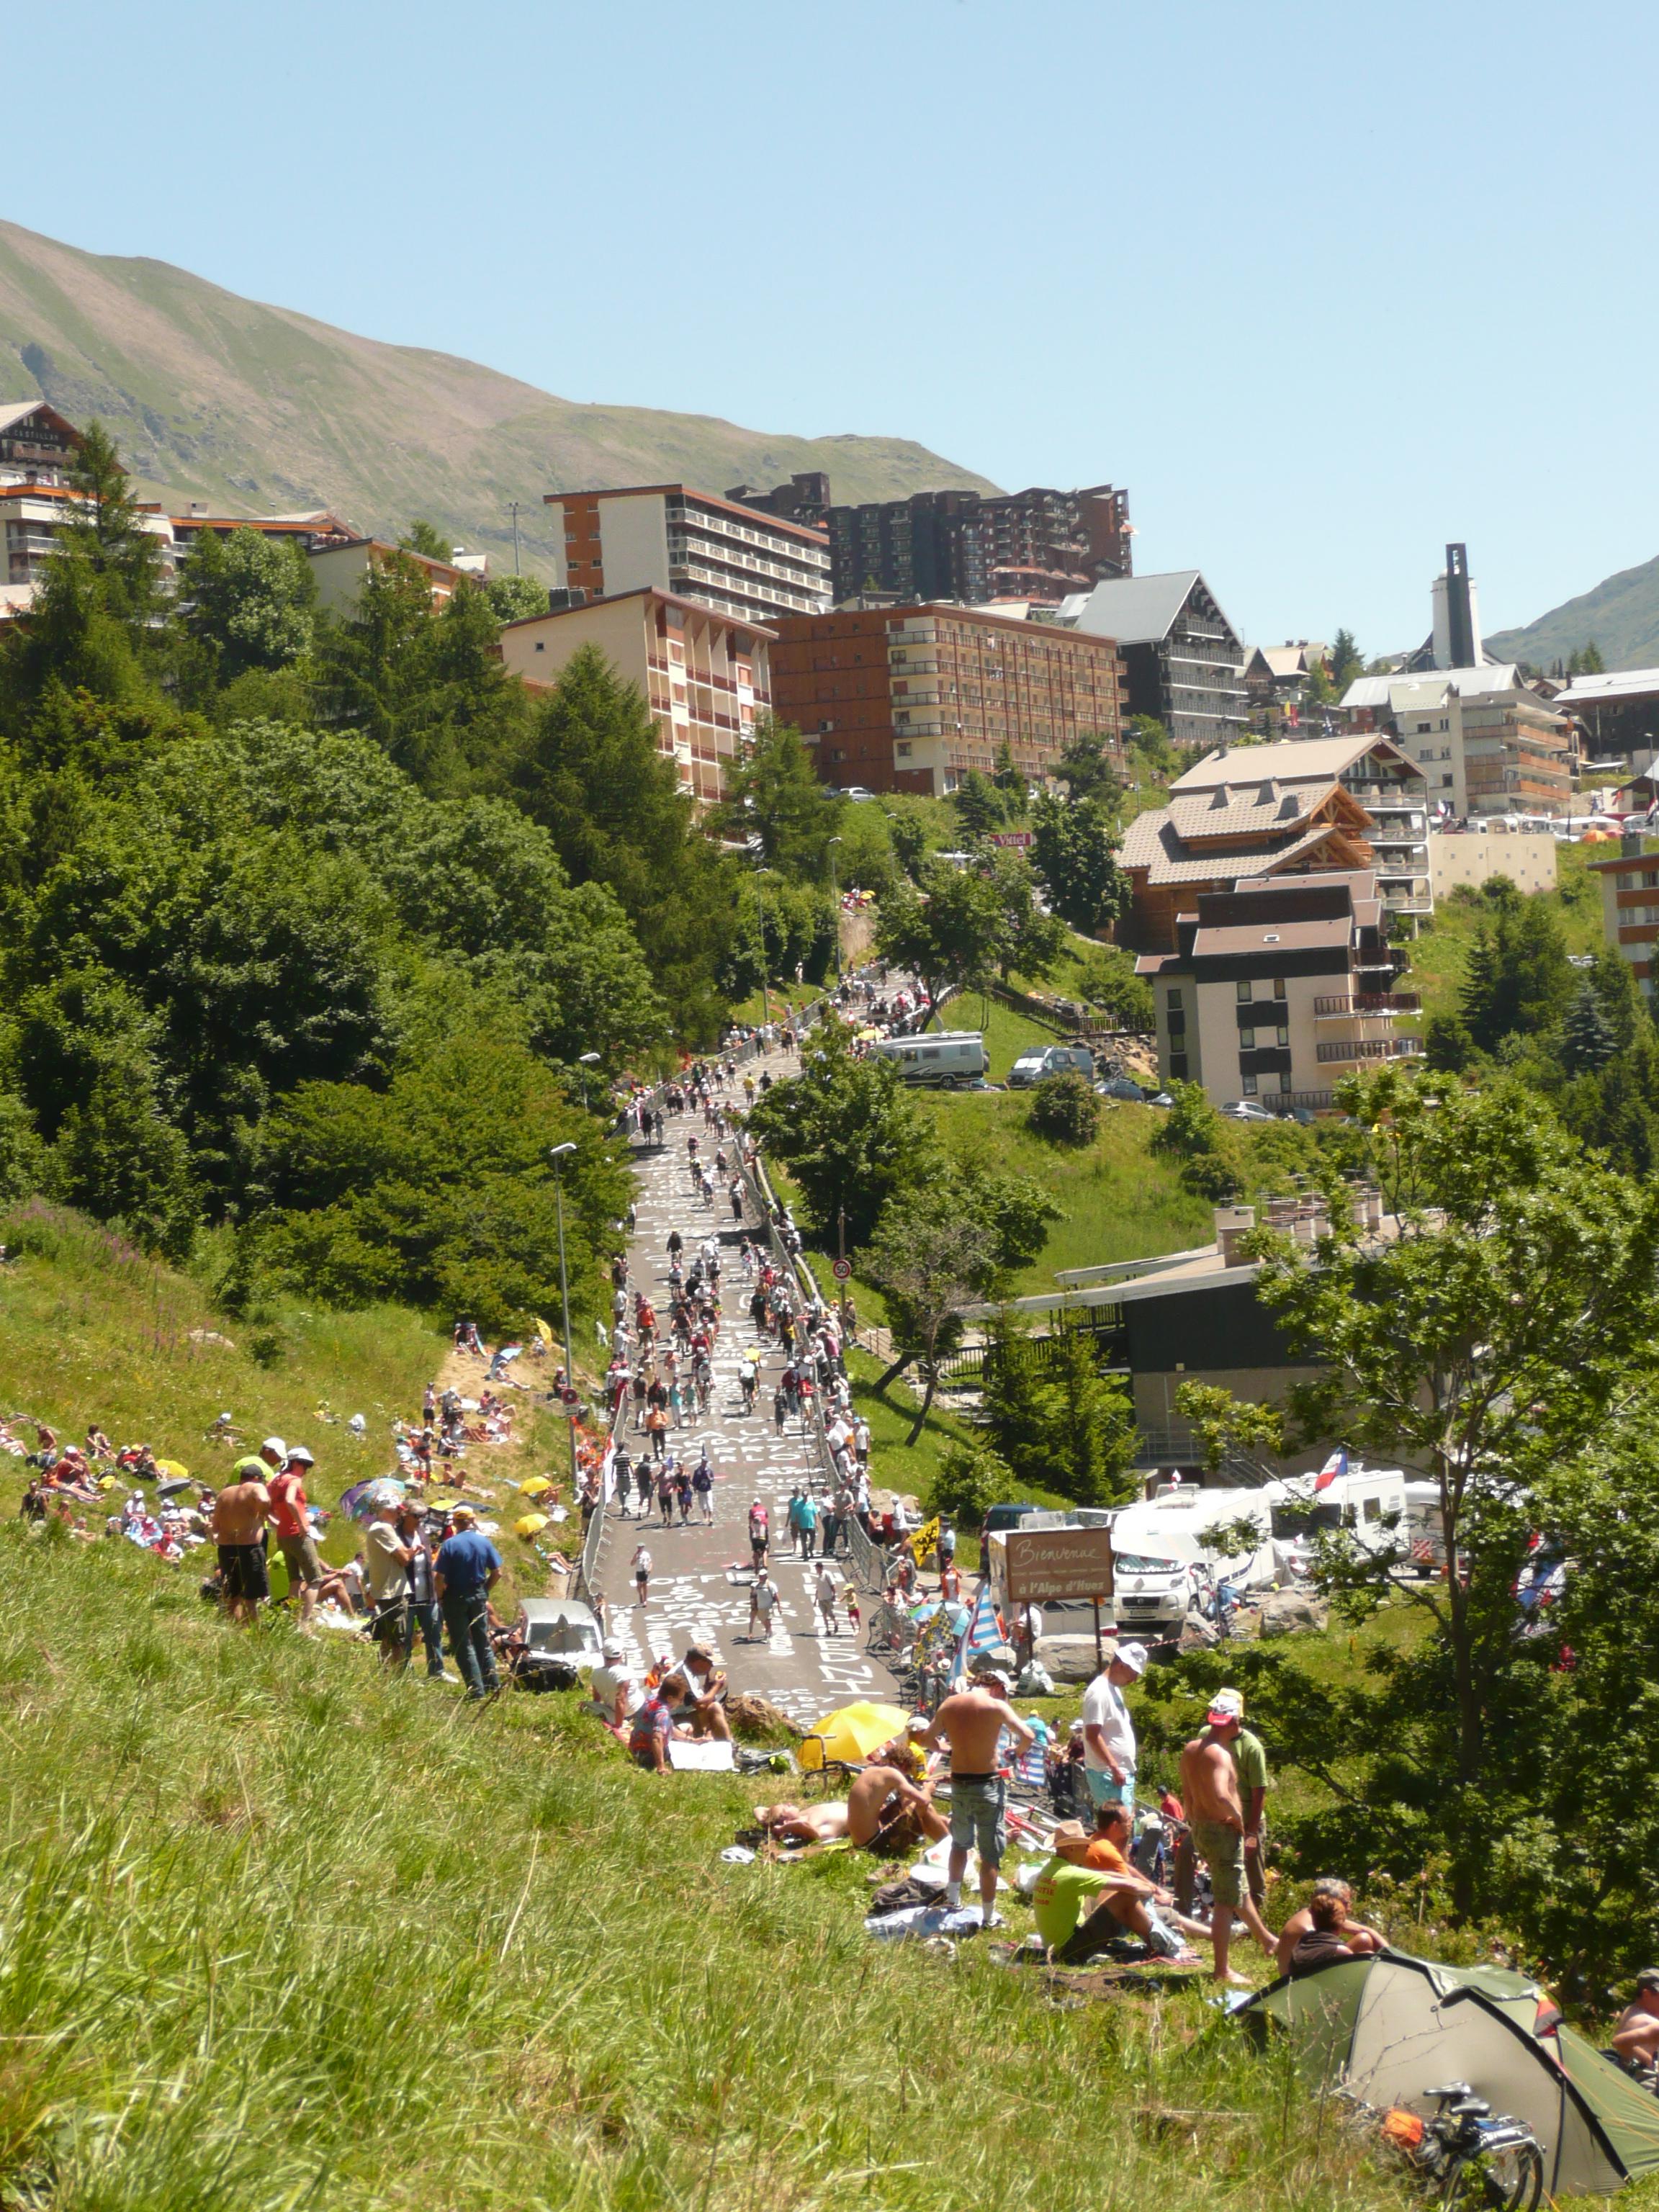 Alpe D'Huez France  city photos gallery : Fil:Alpe d'Huez Tour de France 2008 Wikipedia